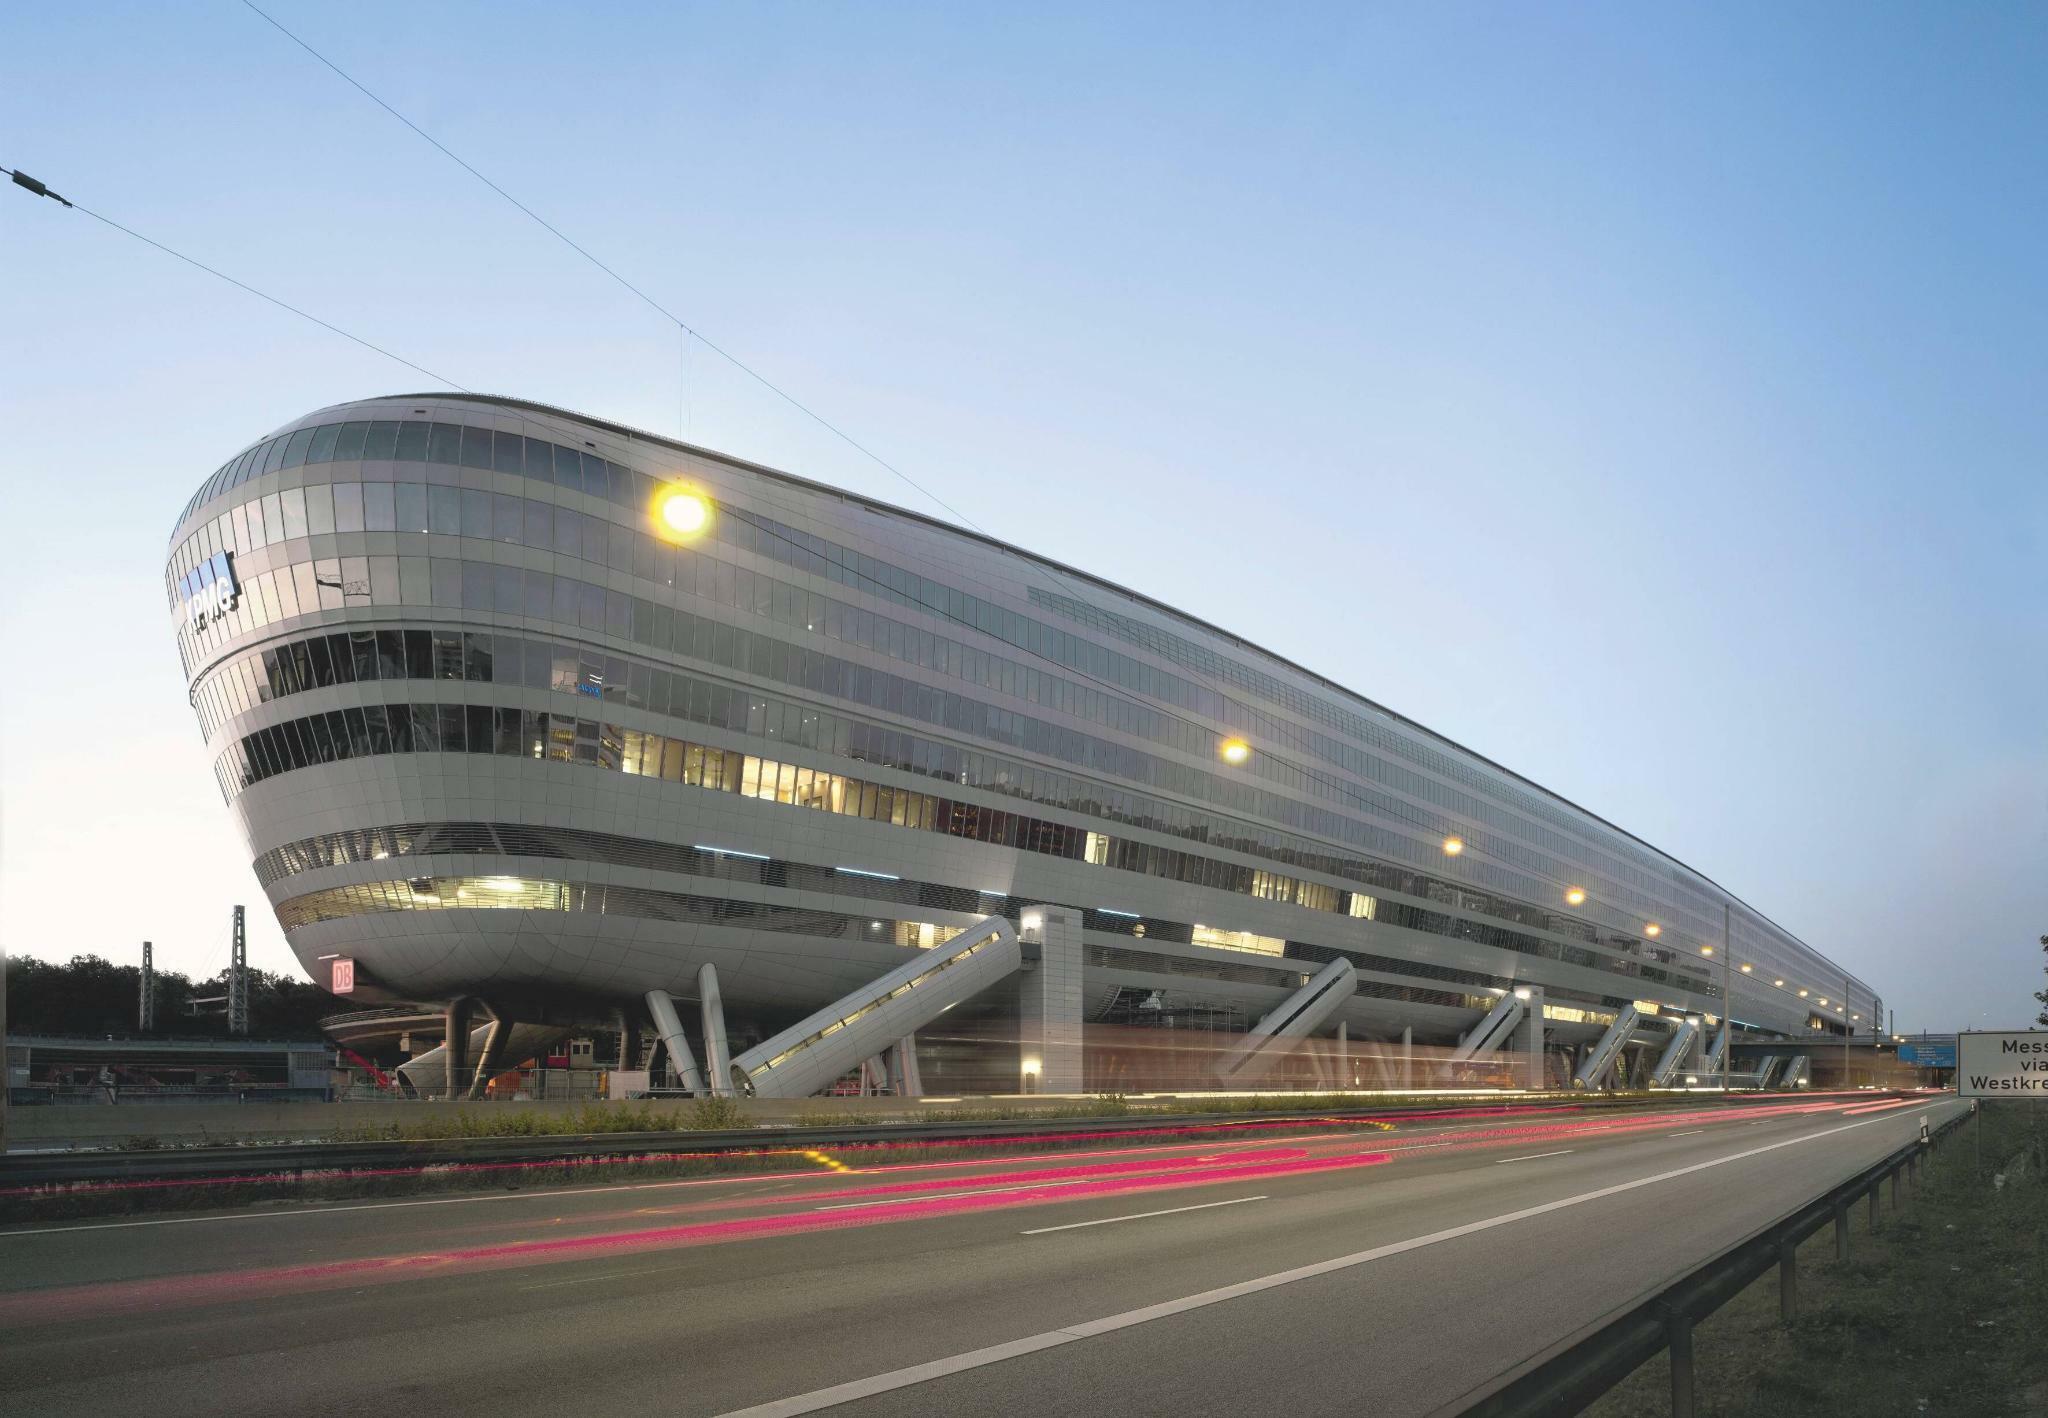 Frankfurter Immobilie Squaire für 940 Millionen Euro verkauft